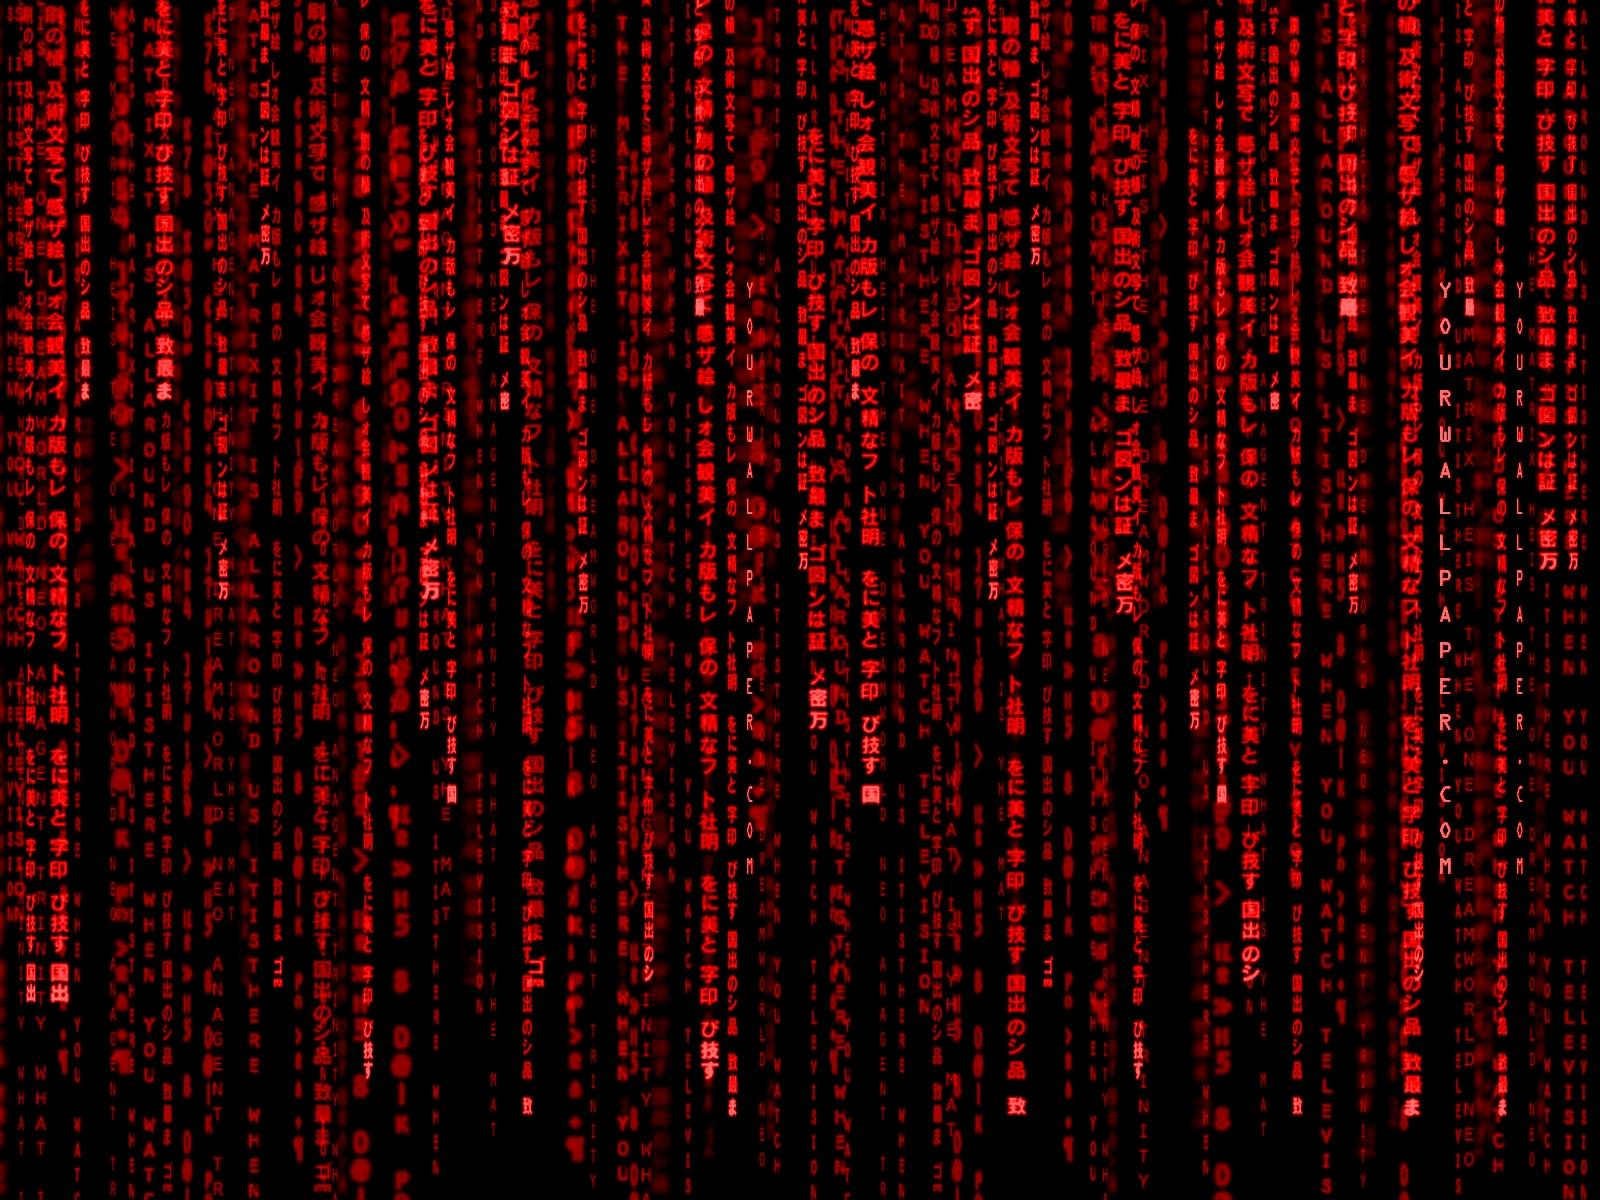 Google themes matrix - Red Matrix Wallpaper 1600x1200 Red Matrix Code